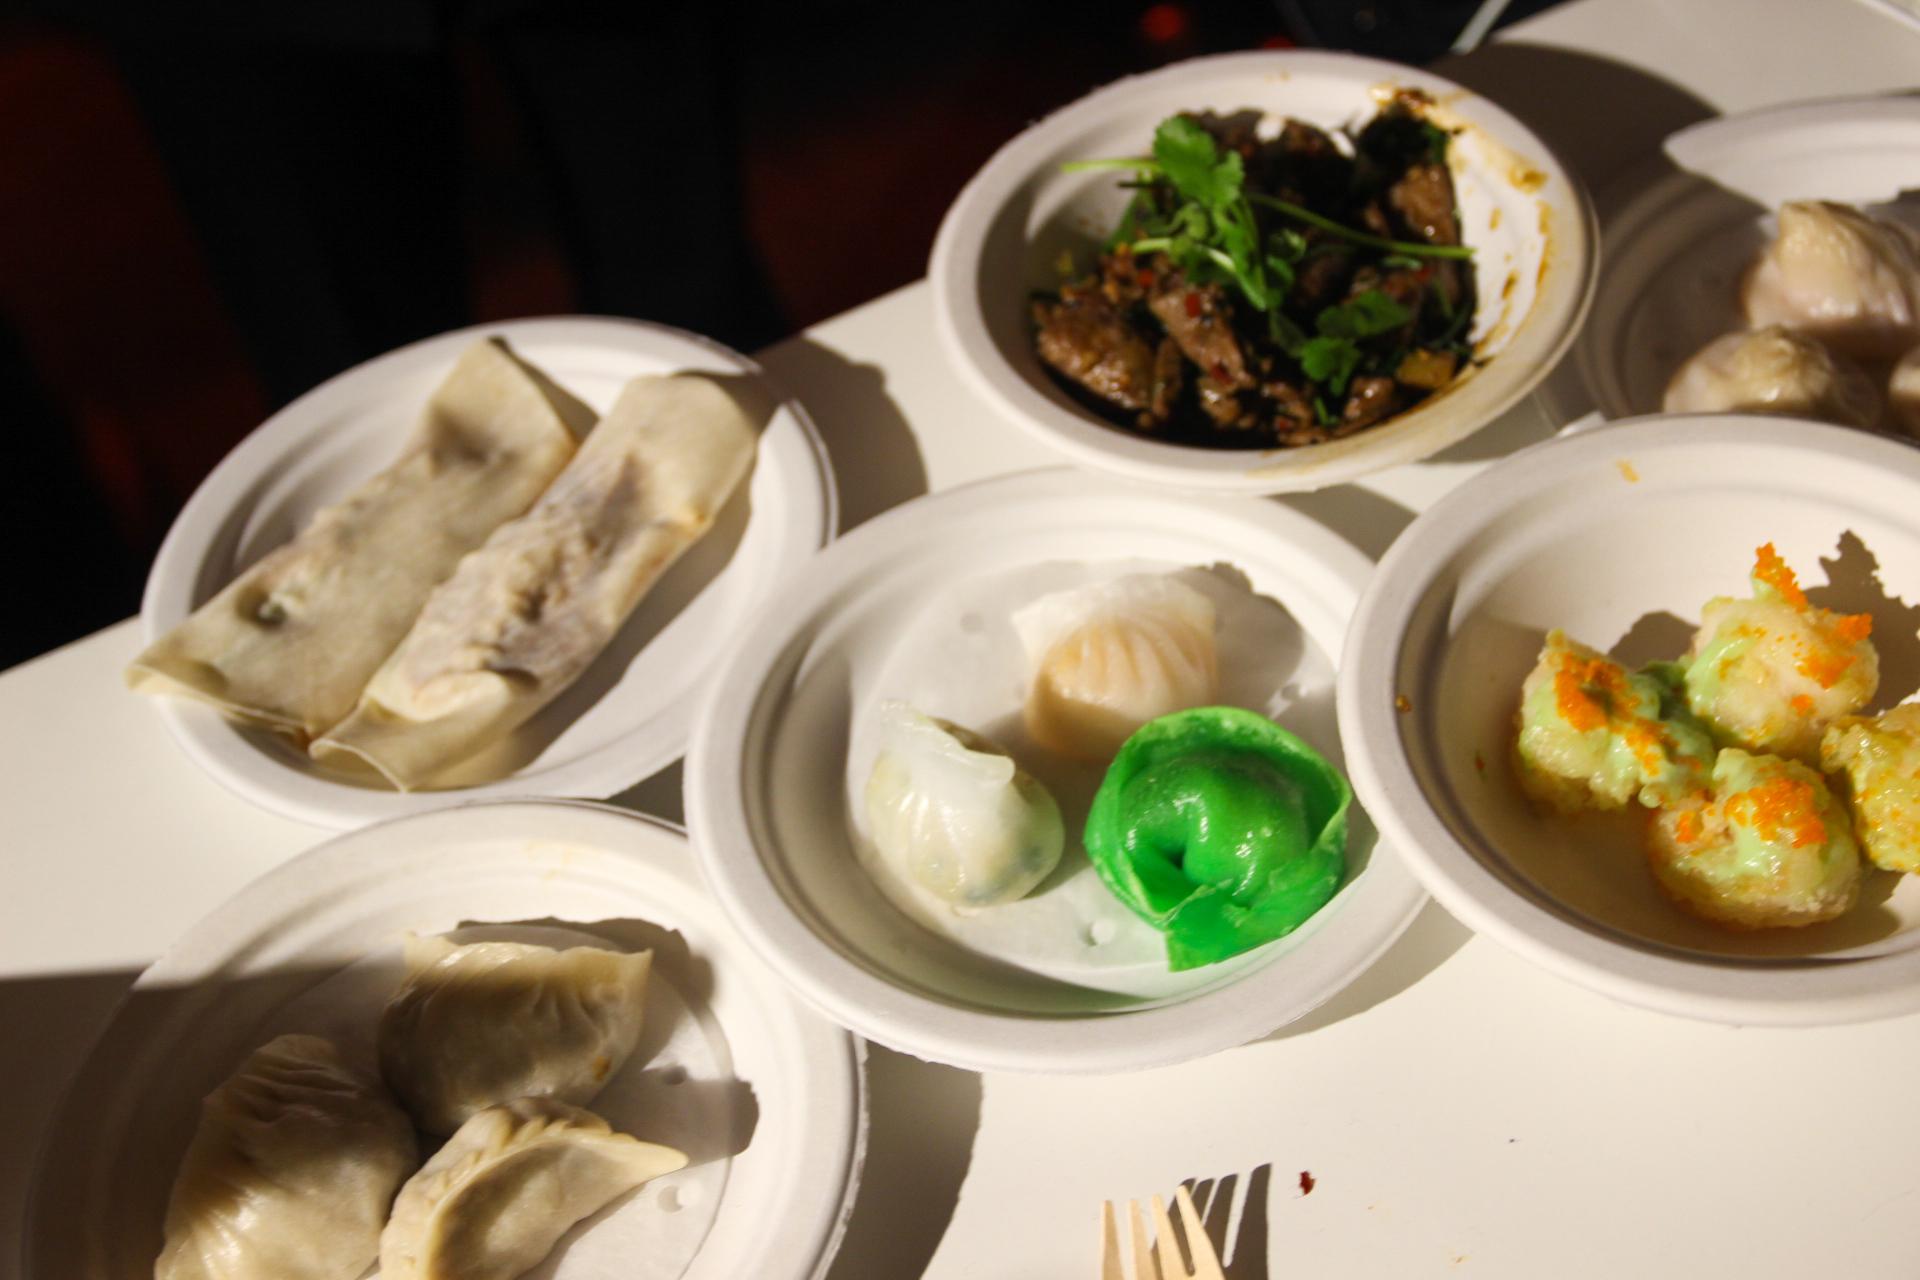 dumplings at taste of london